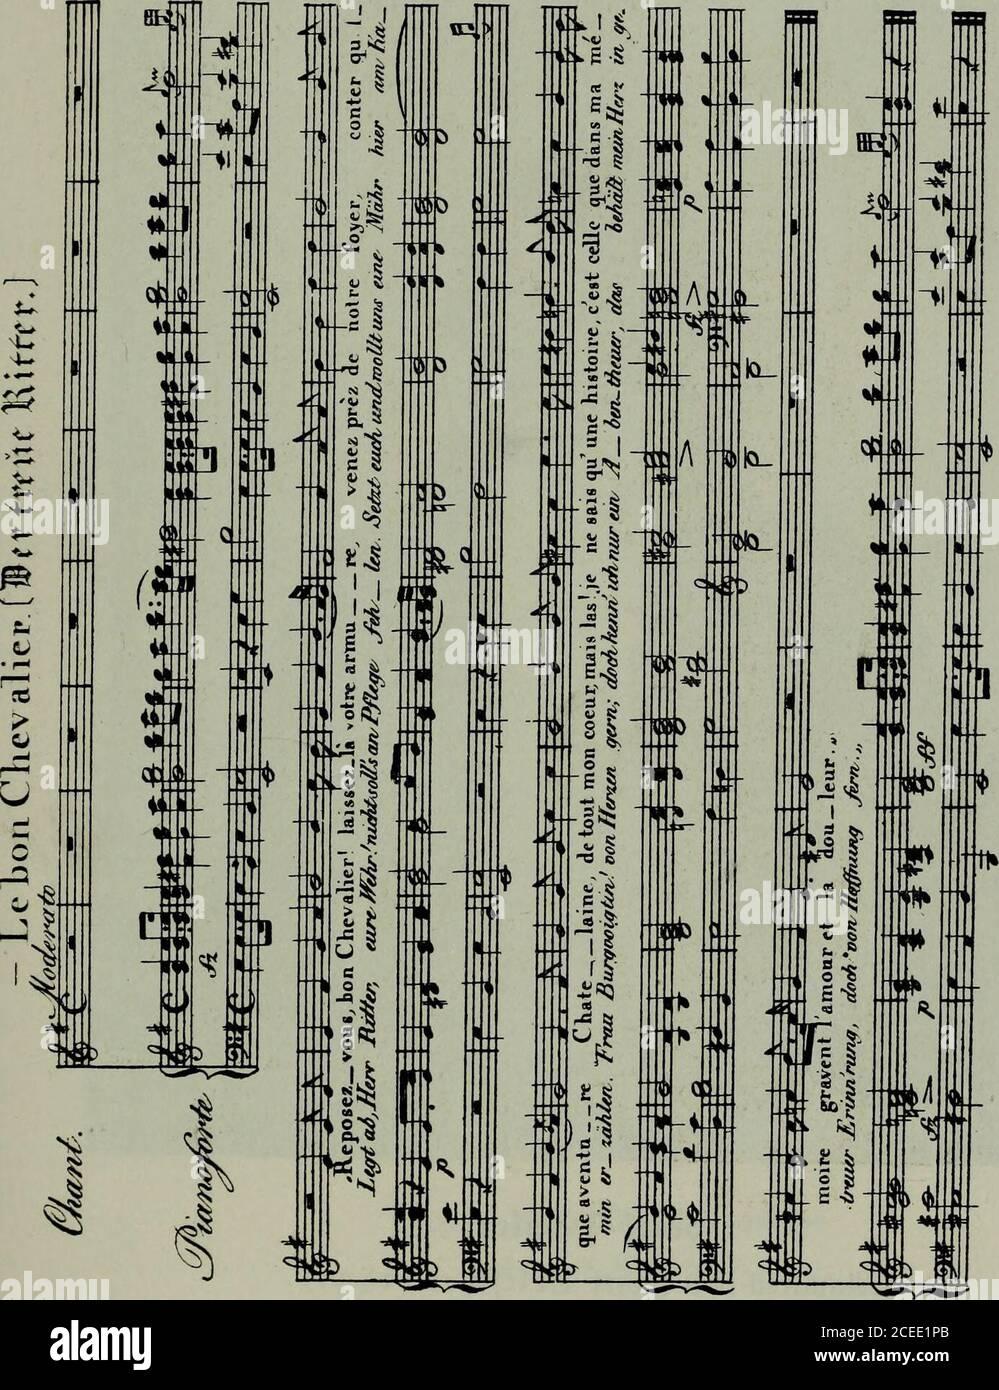 . Franz Schubert. Die Dokumente seines Lebens und Schaffens. i-i s Q ^ 5 fi g o TS cm & 46?. ea Ä c • B a o _« 2> ^s — ^5 s o B <-• © s 3 © JO s C/3 s~ Q E=3 CO g a £^o ^3 ?1 s 3 Q 30* 468 Banque D'Images